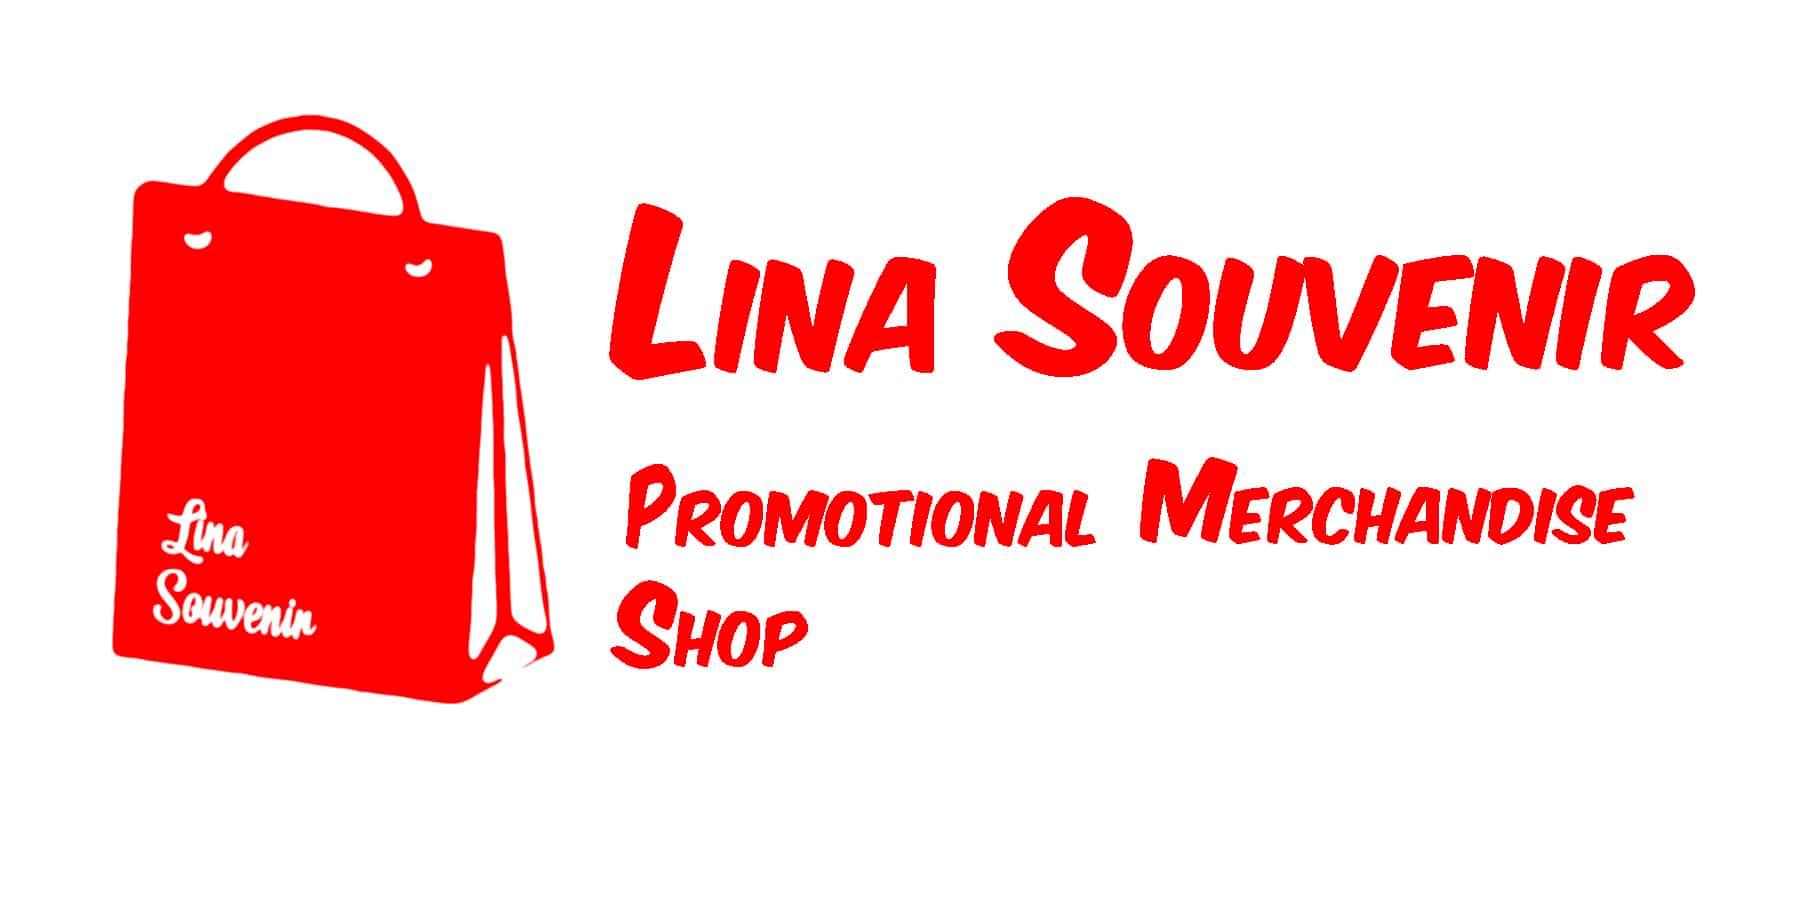 Logo Lina Souvenir 2020 New